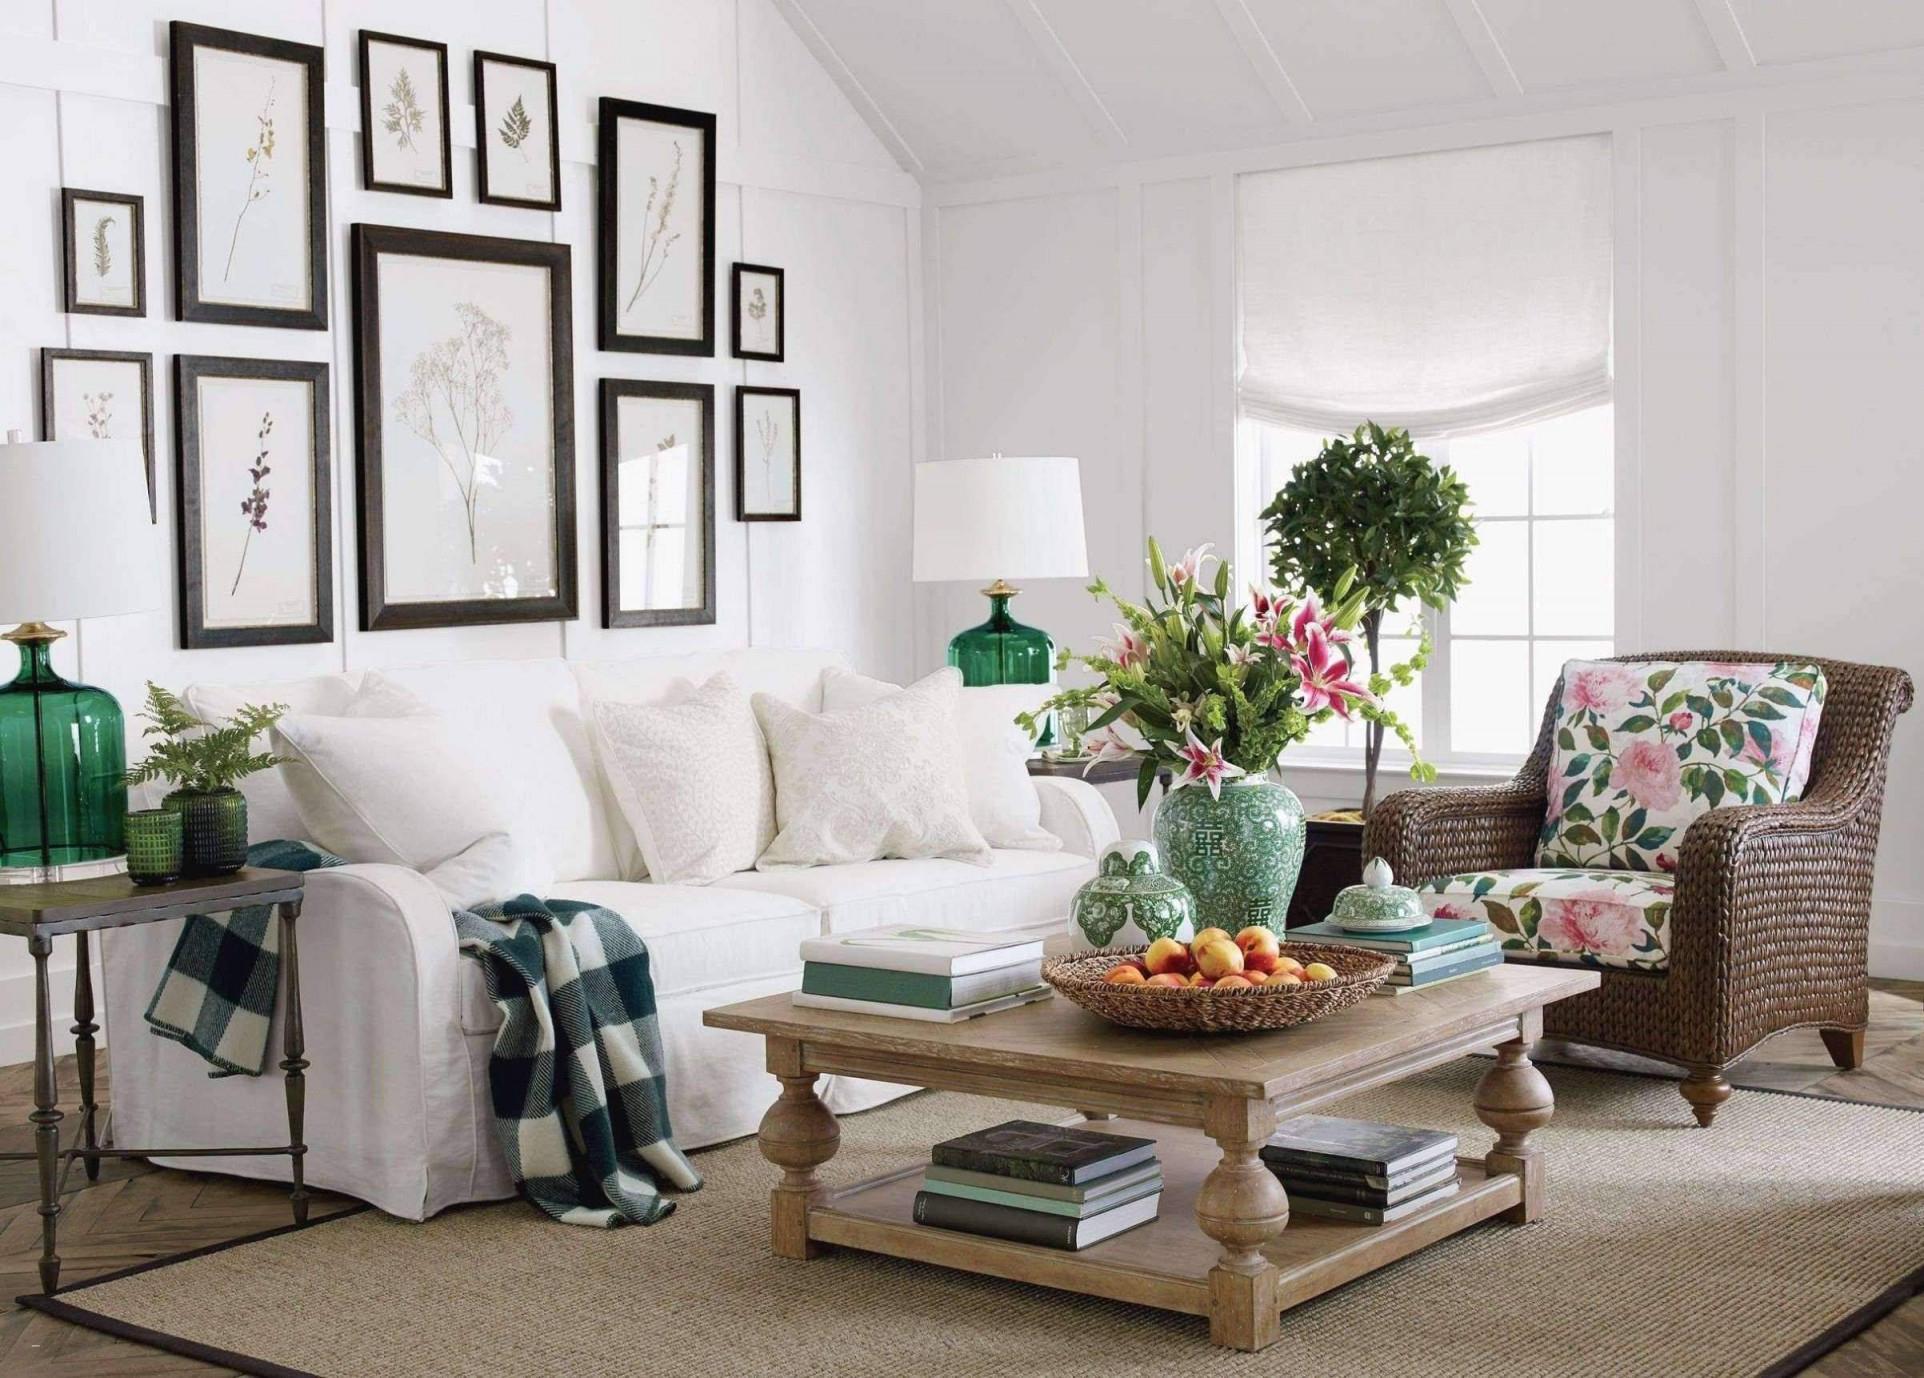 Orientalisches Wohnzimmer Das Beste Von Elegant von Bilder Wohnzimmer Orientalisch Photo